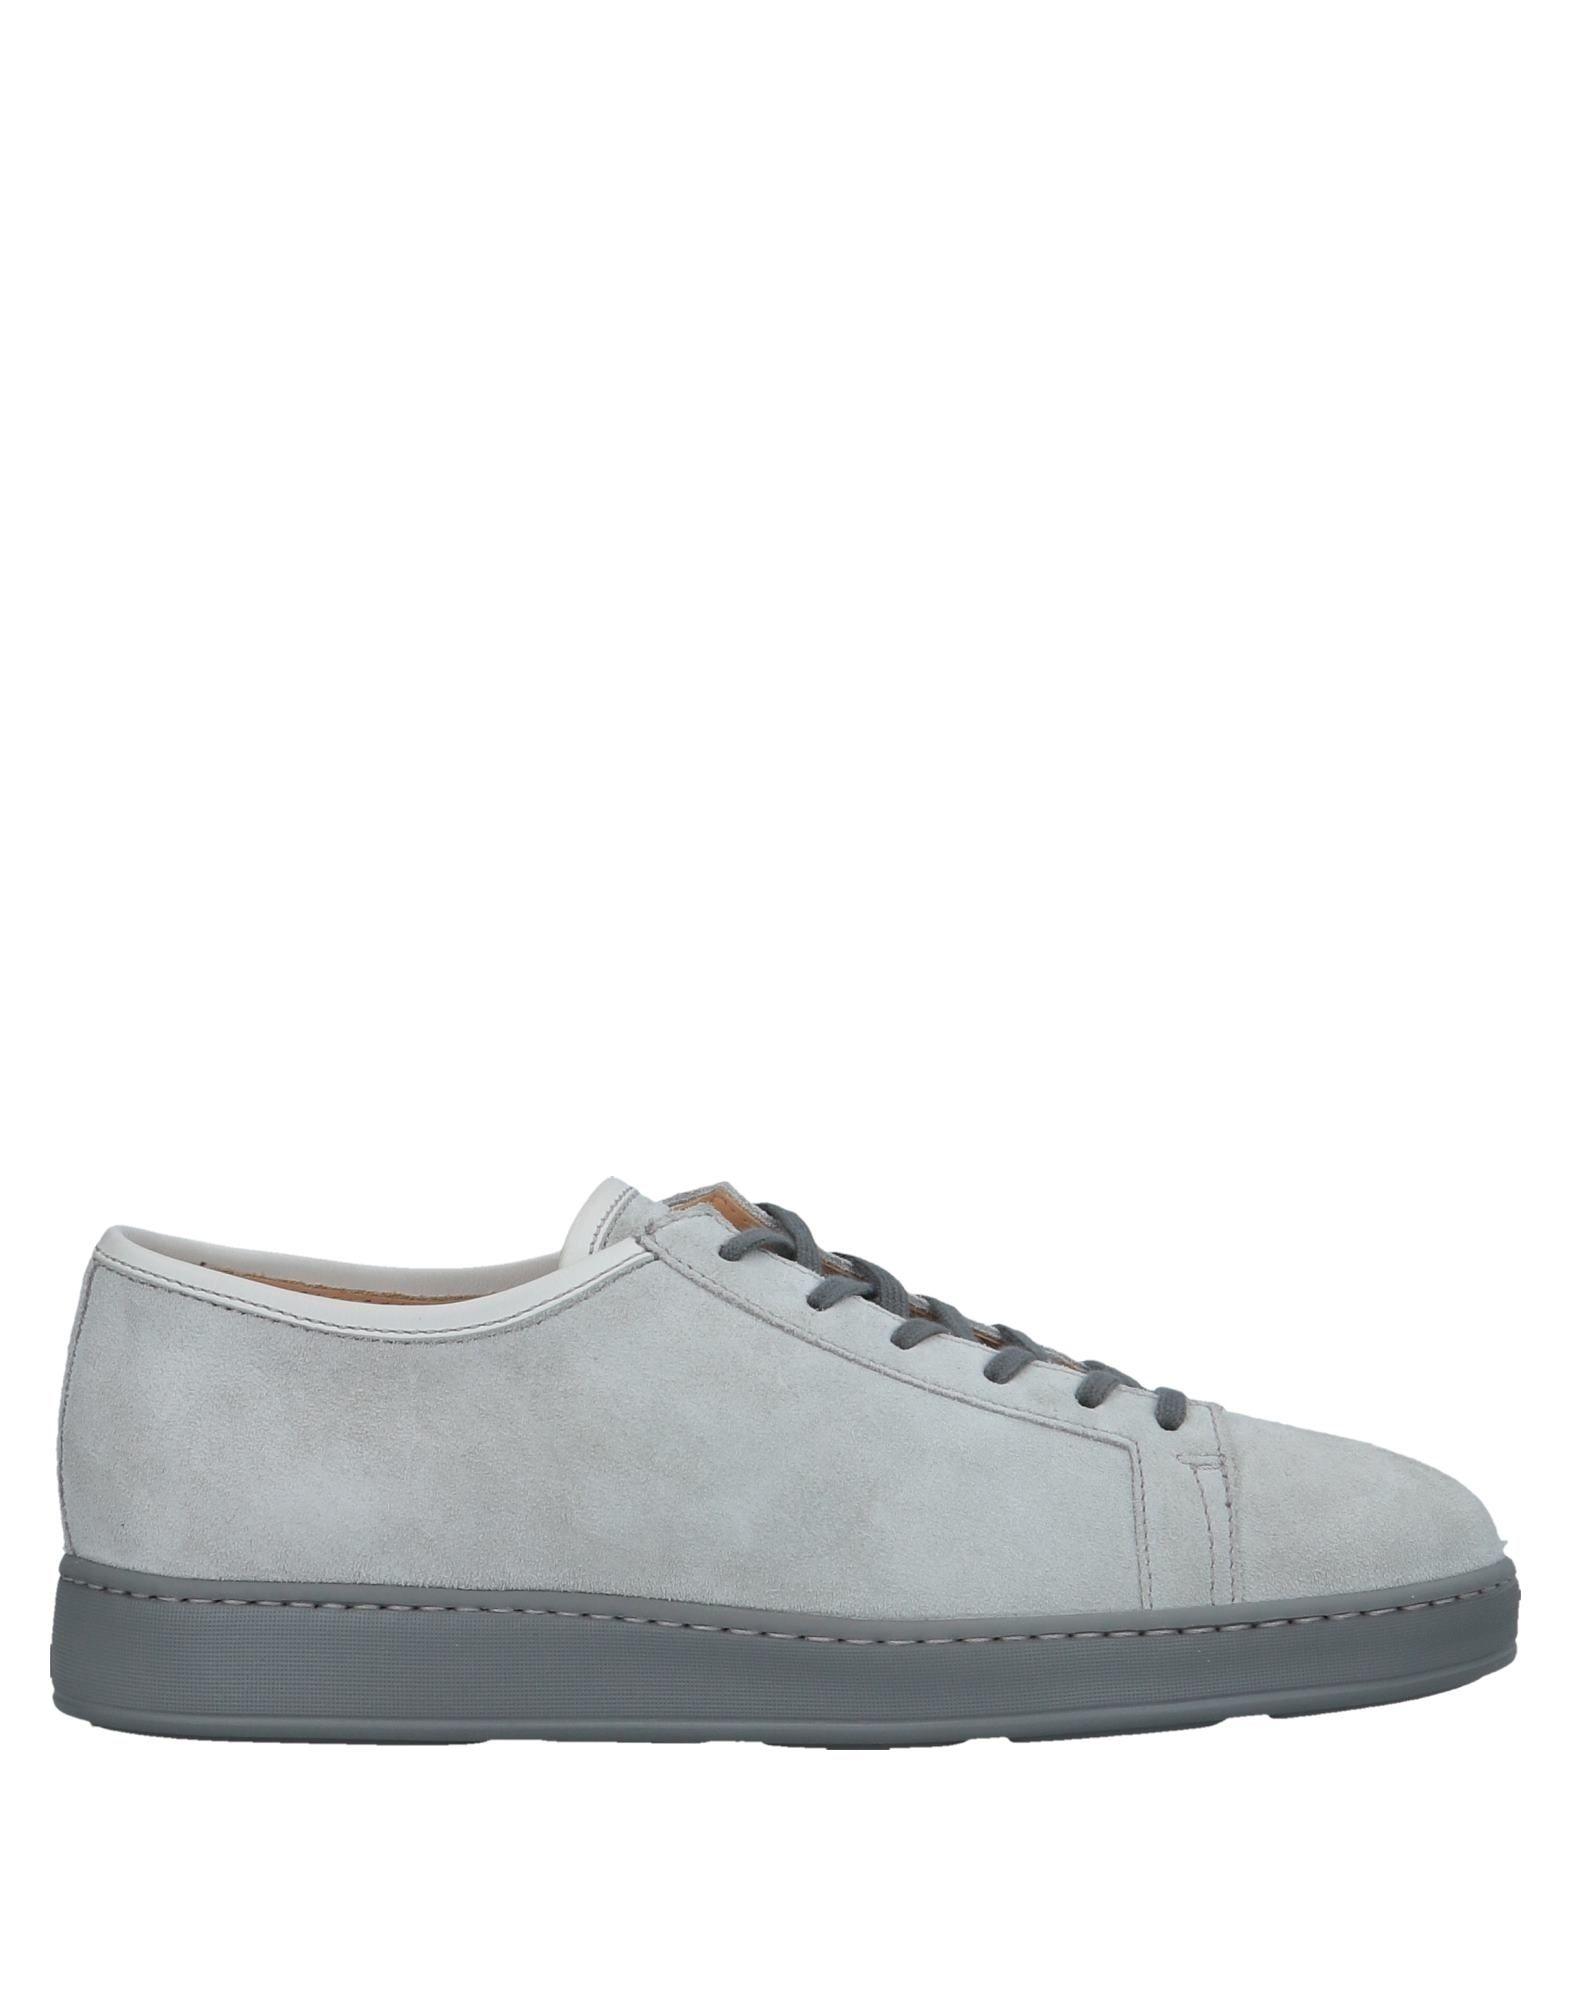 Santoni Sneakers Herren  11541319BK Gute Qualität beliebte Schuhe